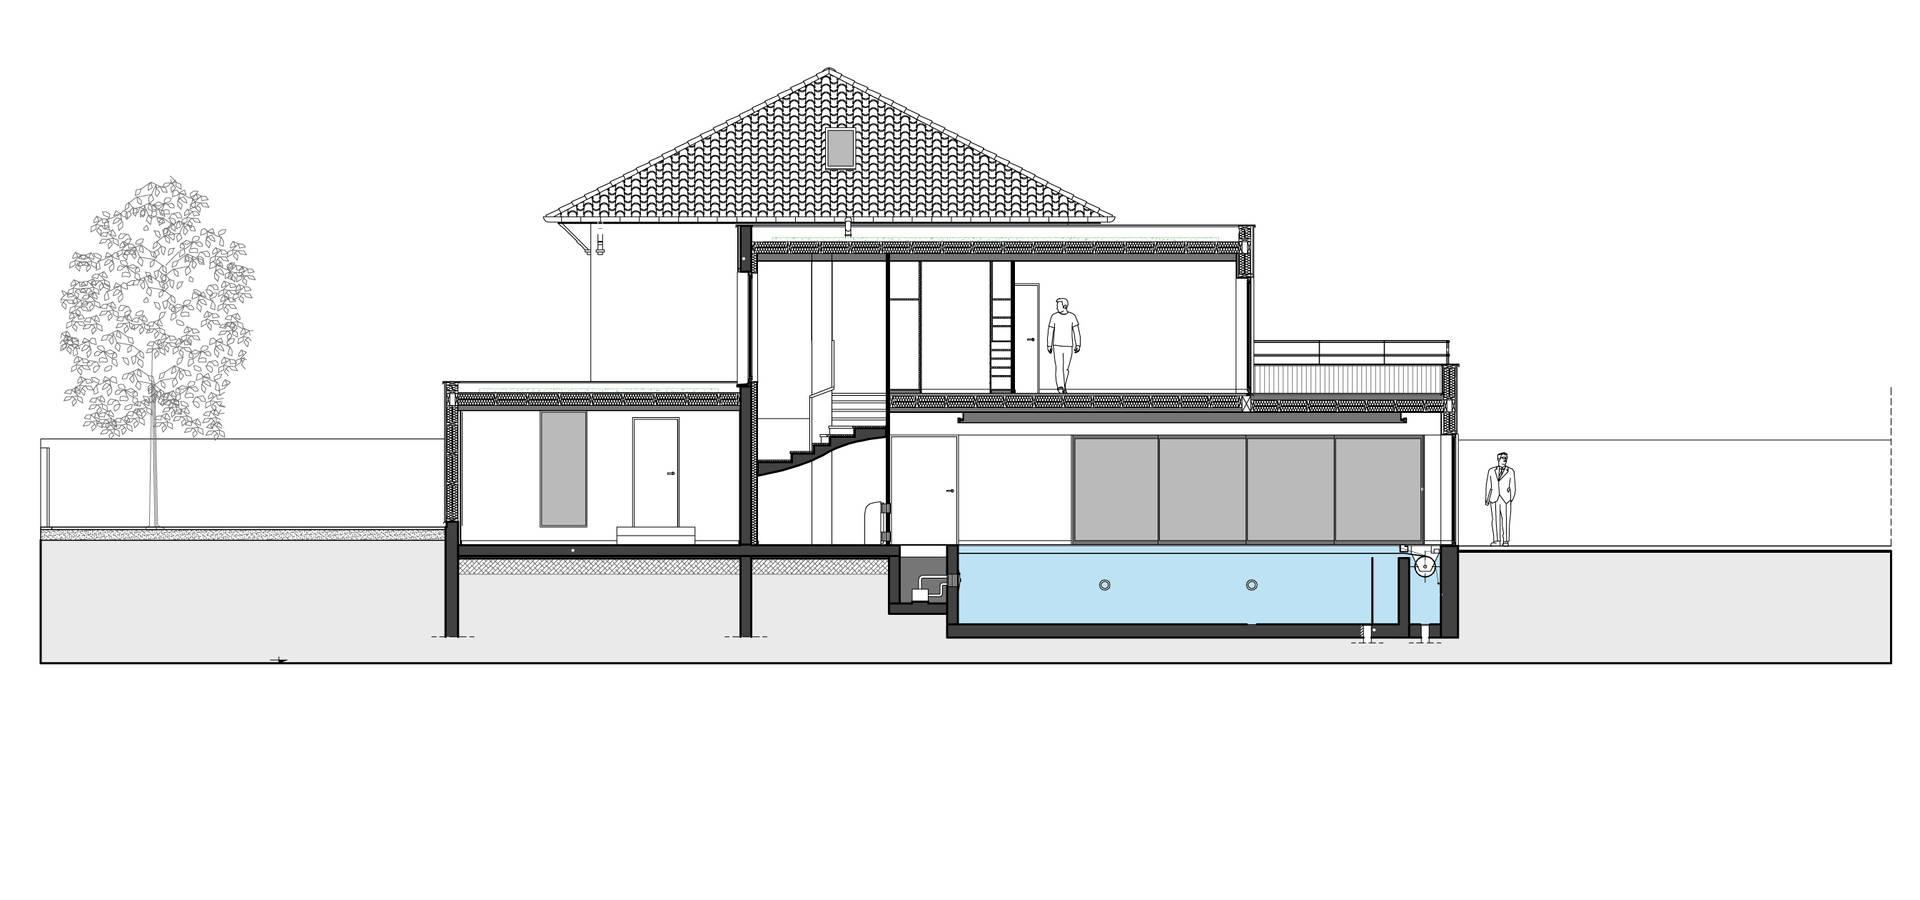 Vulacon-Gibello Architectes